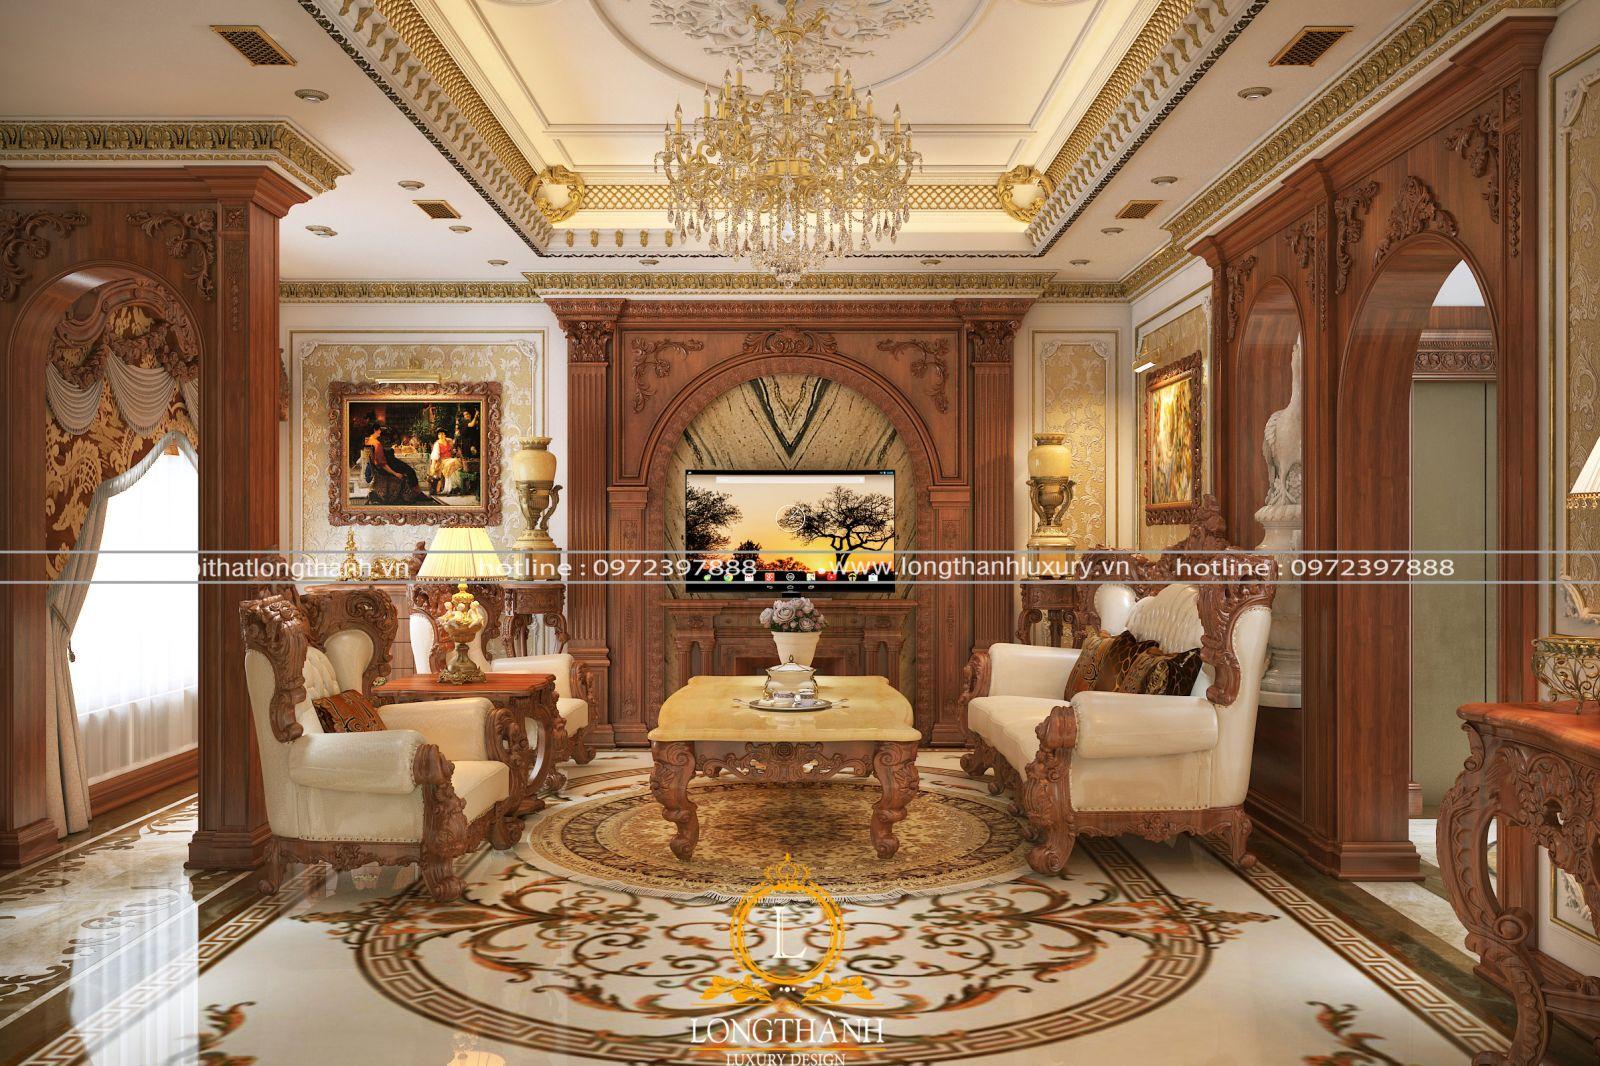 Thiết kế hệ vách trang trí cho không gian phòng khách sang trọng